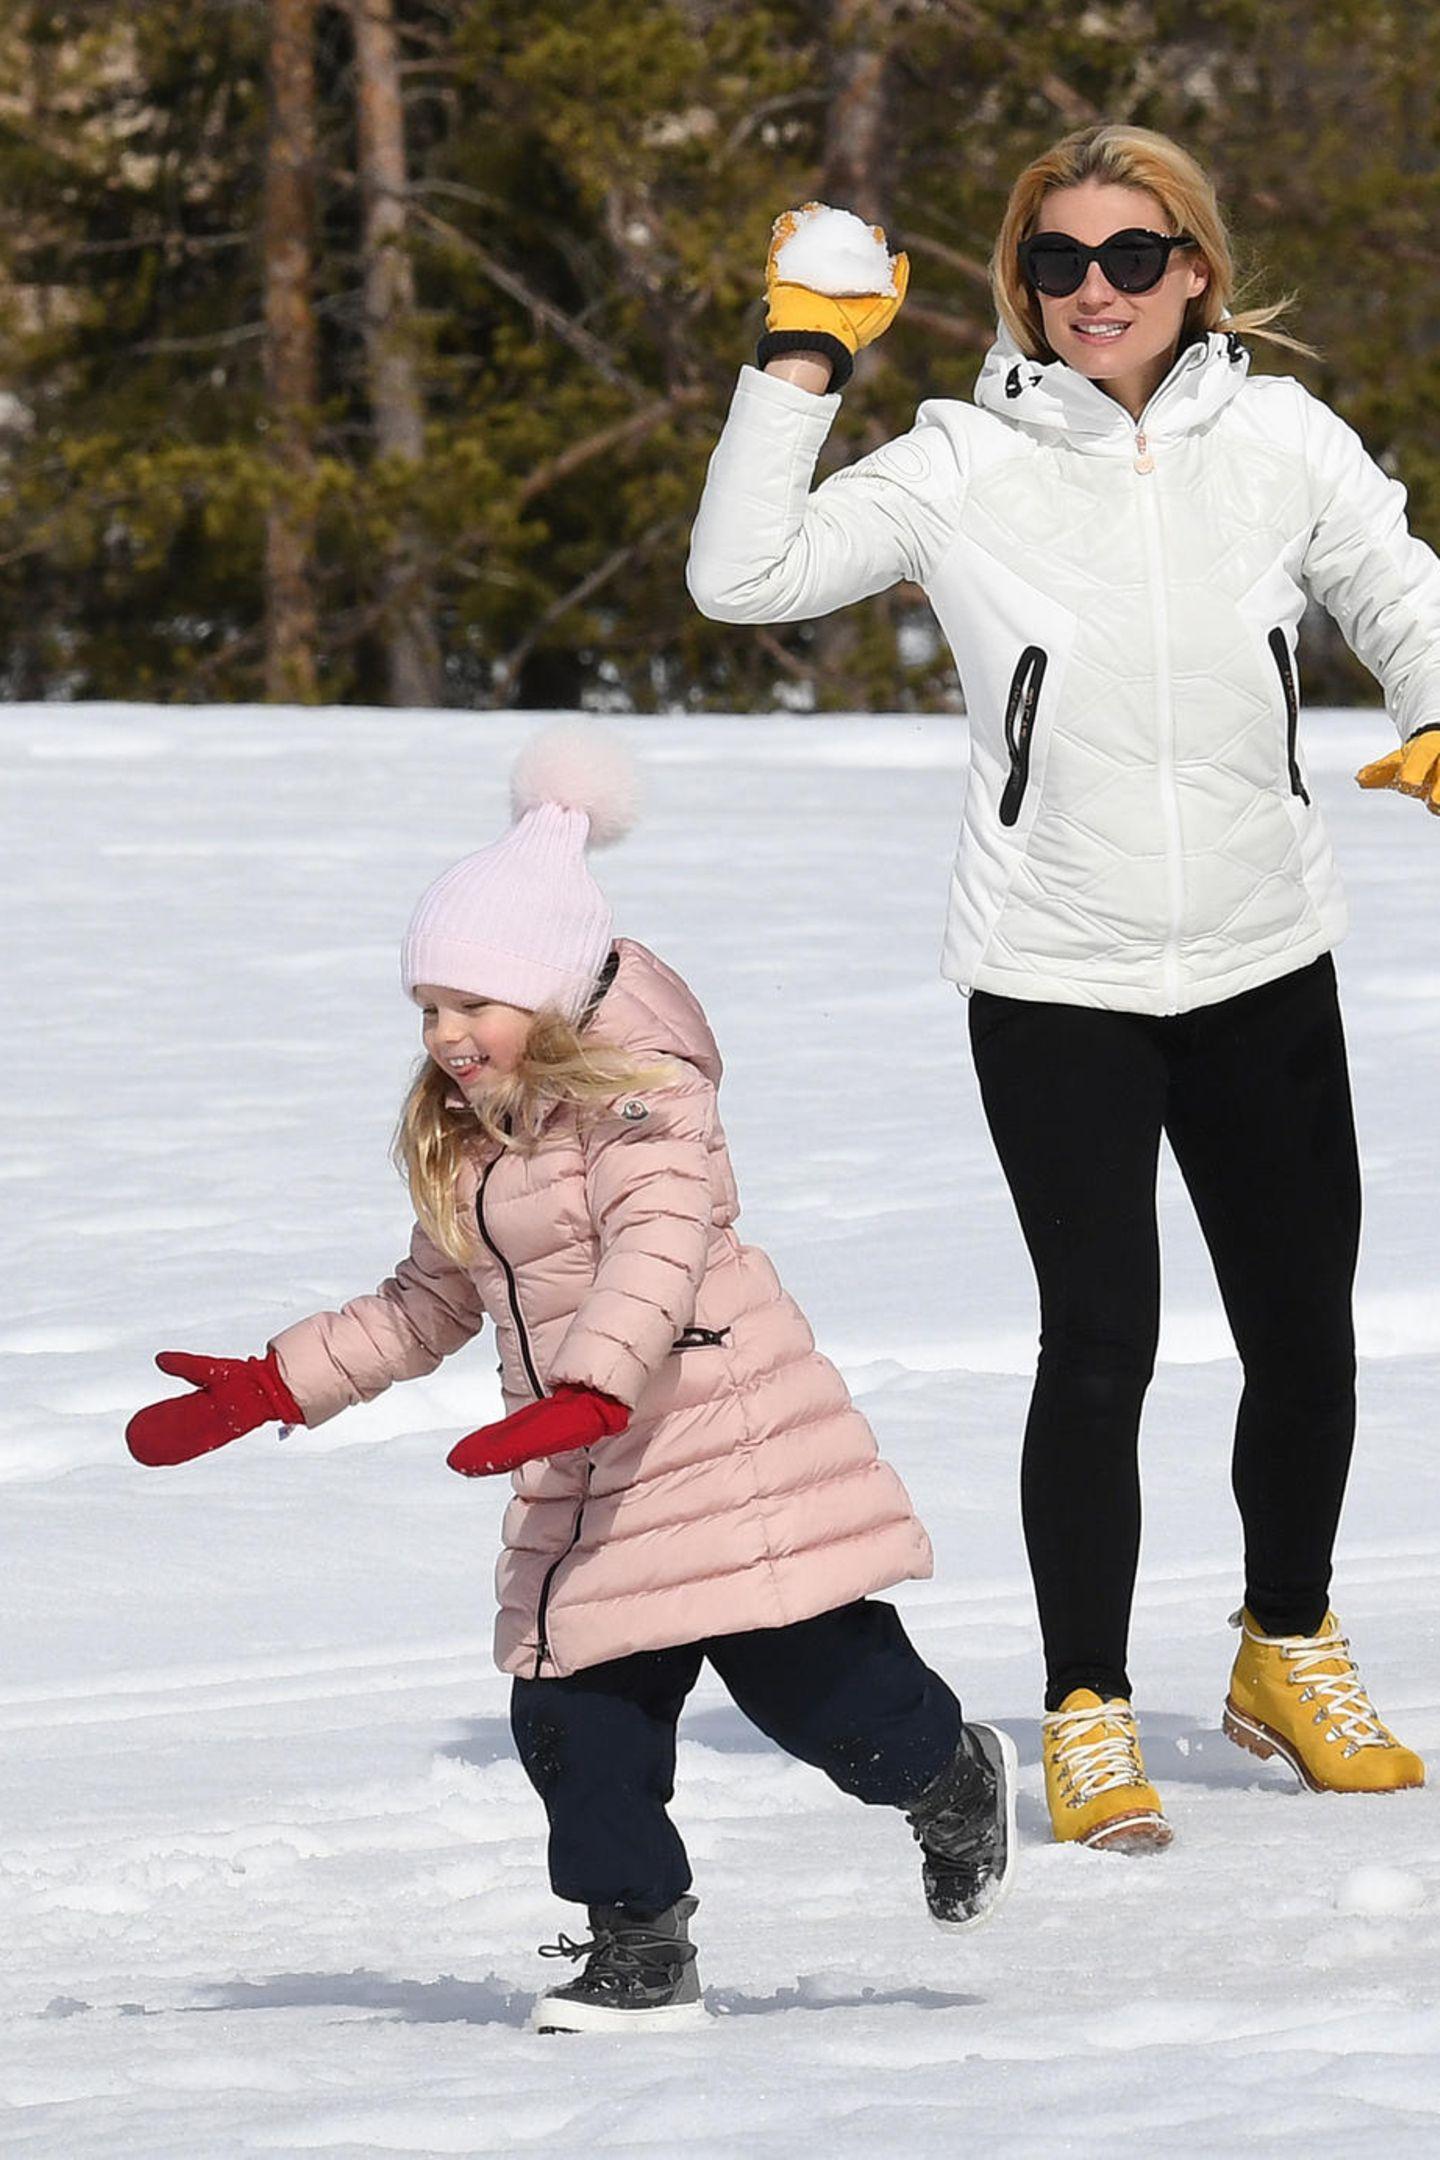 9. März 2019   In der zauberhaften italienischen GemeindeSt. Kassian spielt Michelle Hunziker mit ihren Töchtern Sole und Celeste im Schnee ...